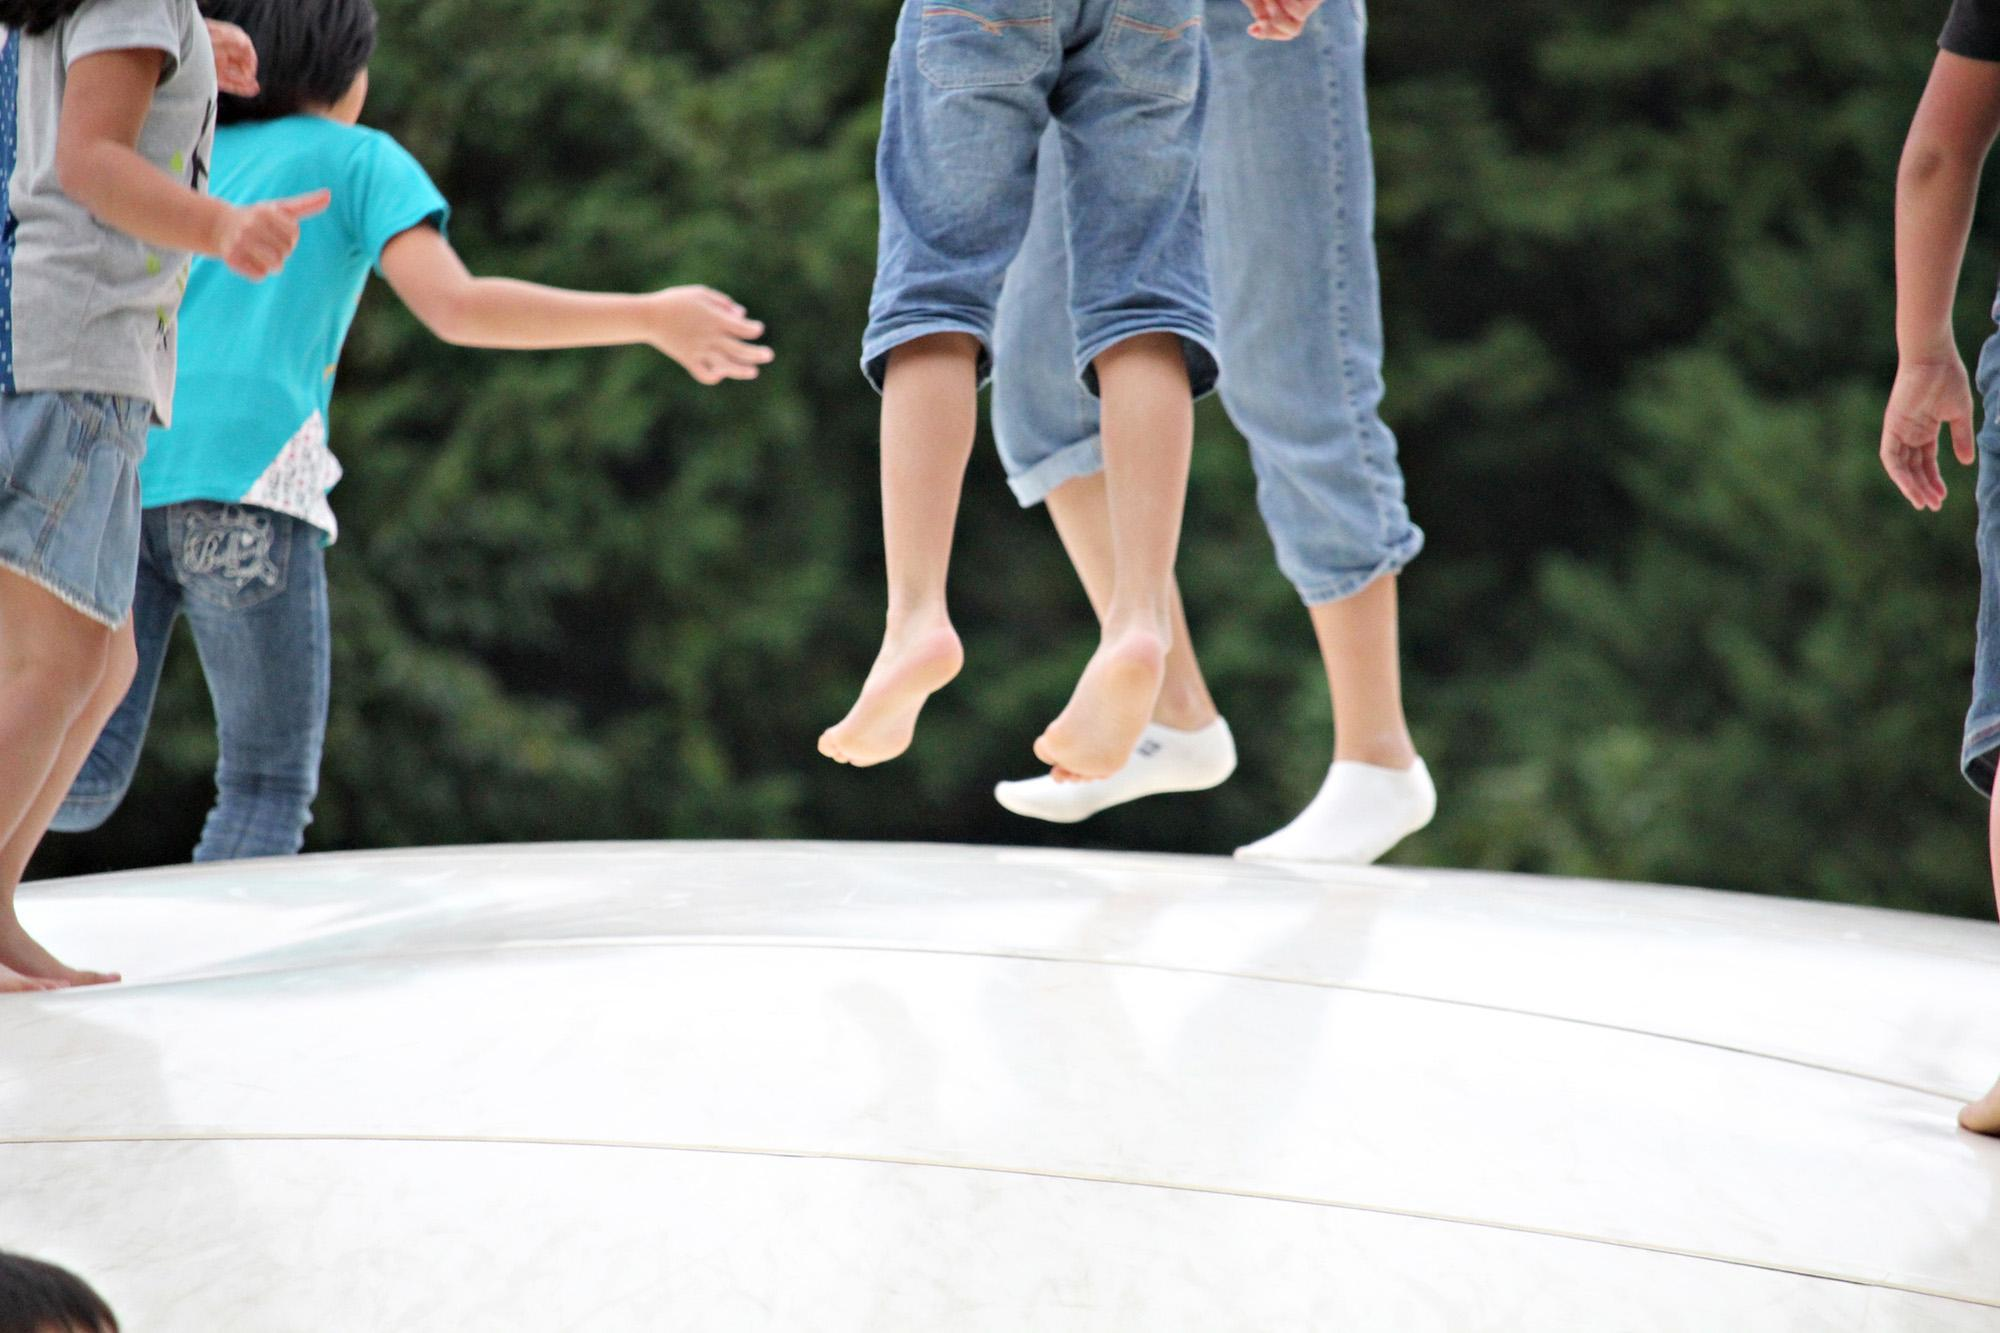 集客力のある公園遊具とは?大人にも子供にも嬉しい安全・安心・楽しい『ふわふわドーム』の紹介